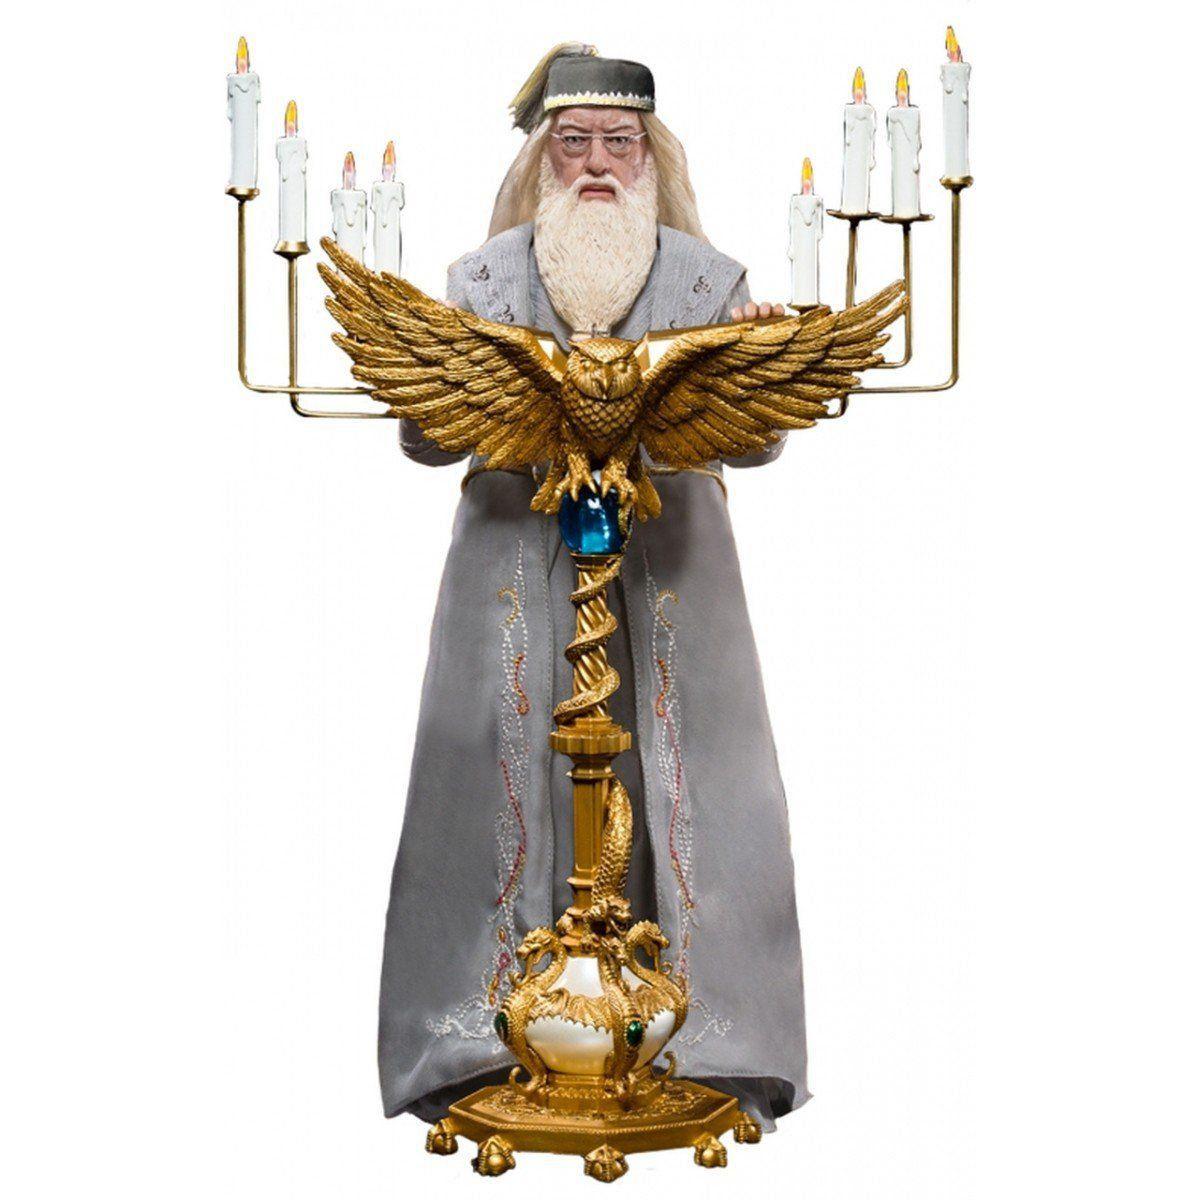 PRÉ VENDA: Boneco Albus Dumbledore: Harry Potter e a Ordem da Fênix Escala 1/6 - Star Ace